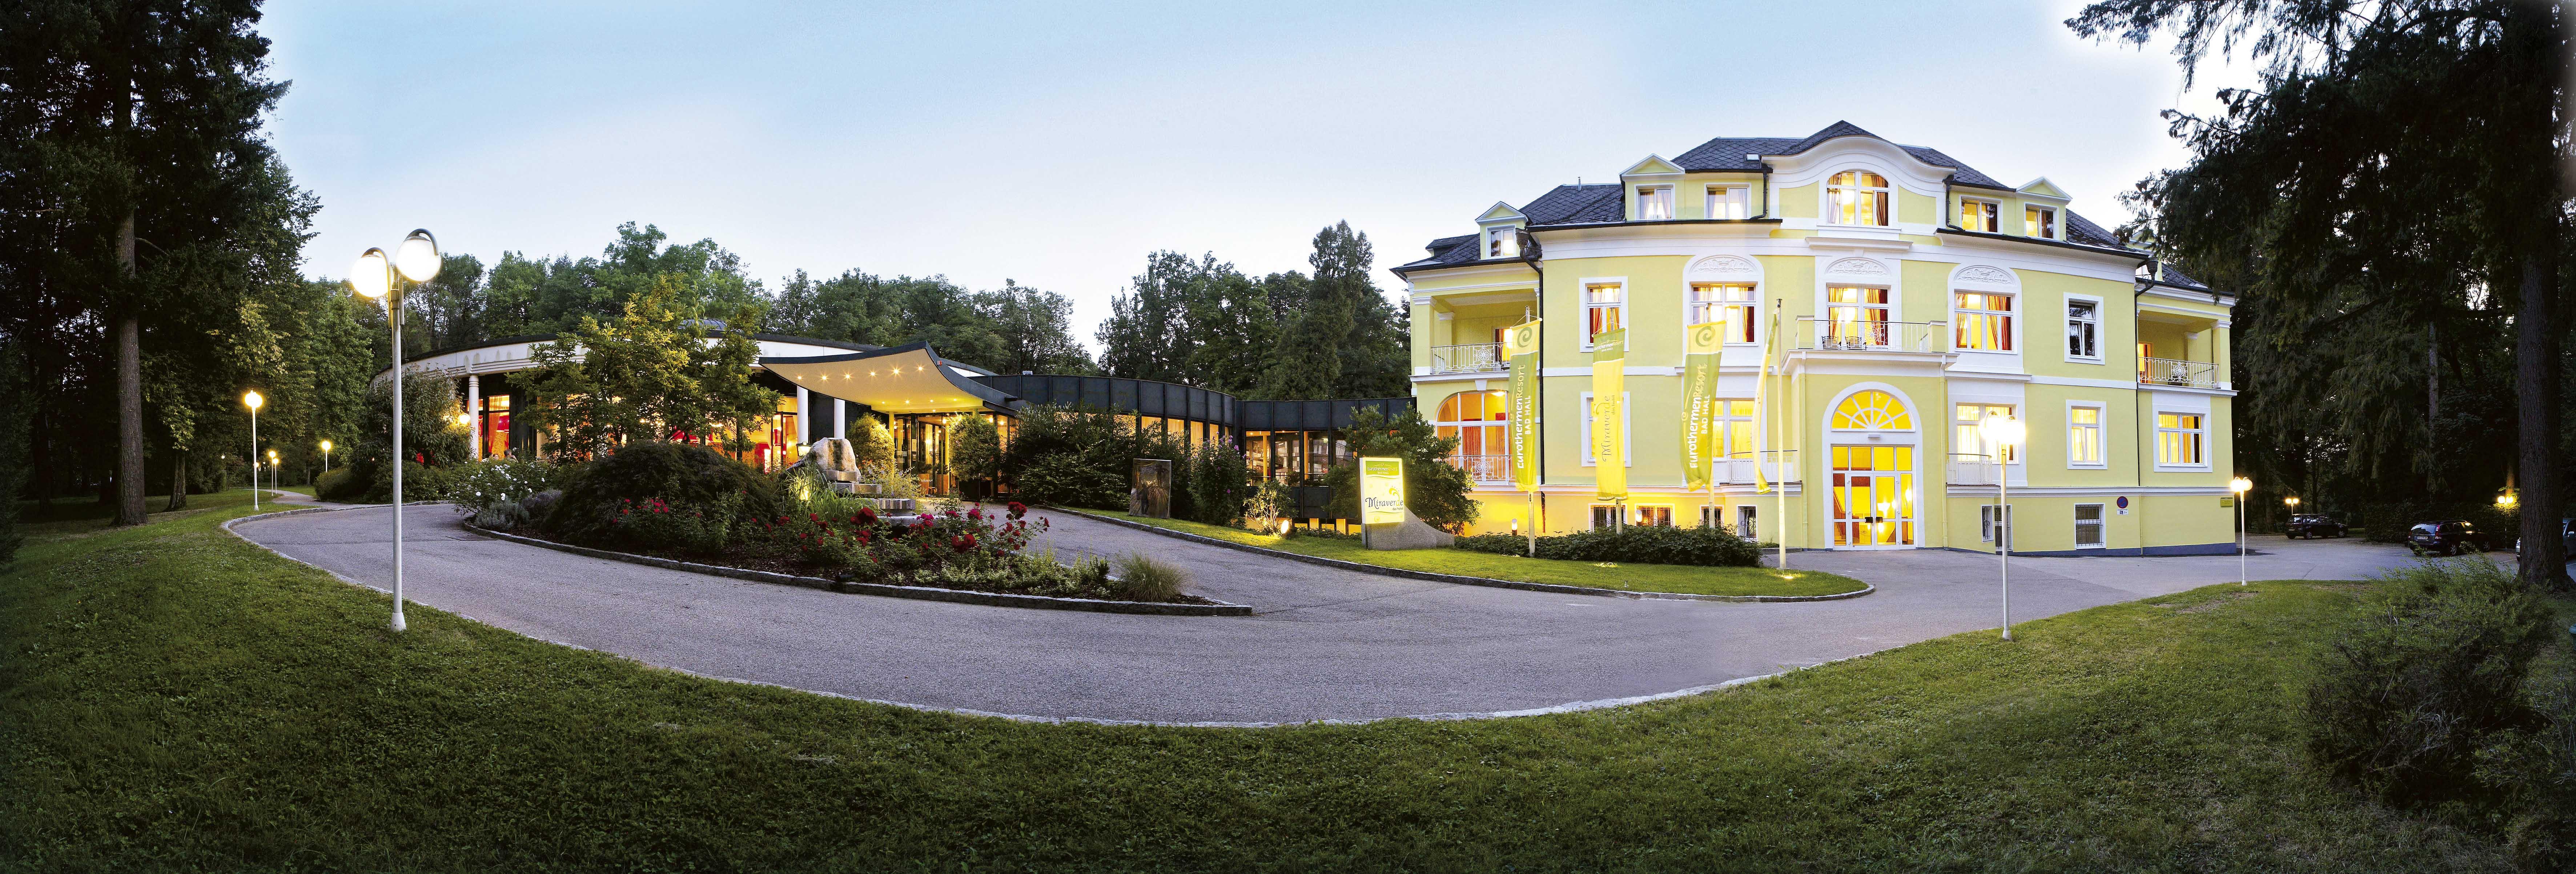 Panorama Hotel Miraverde